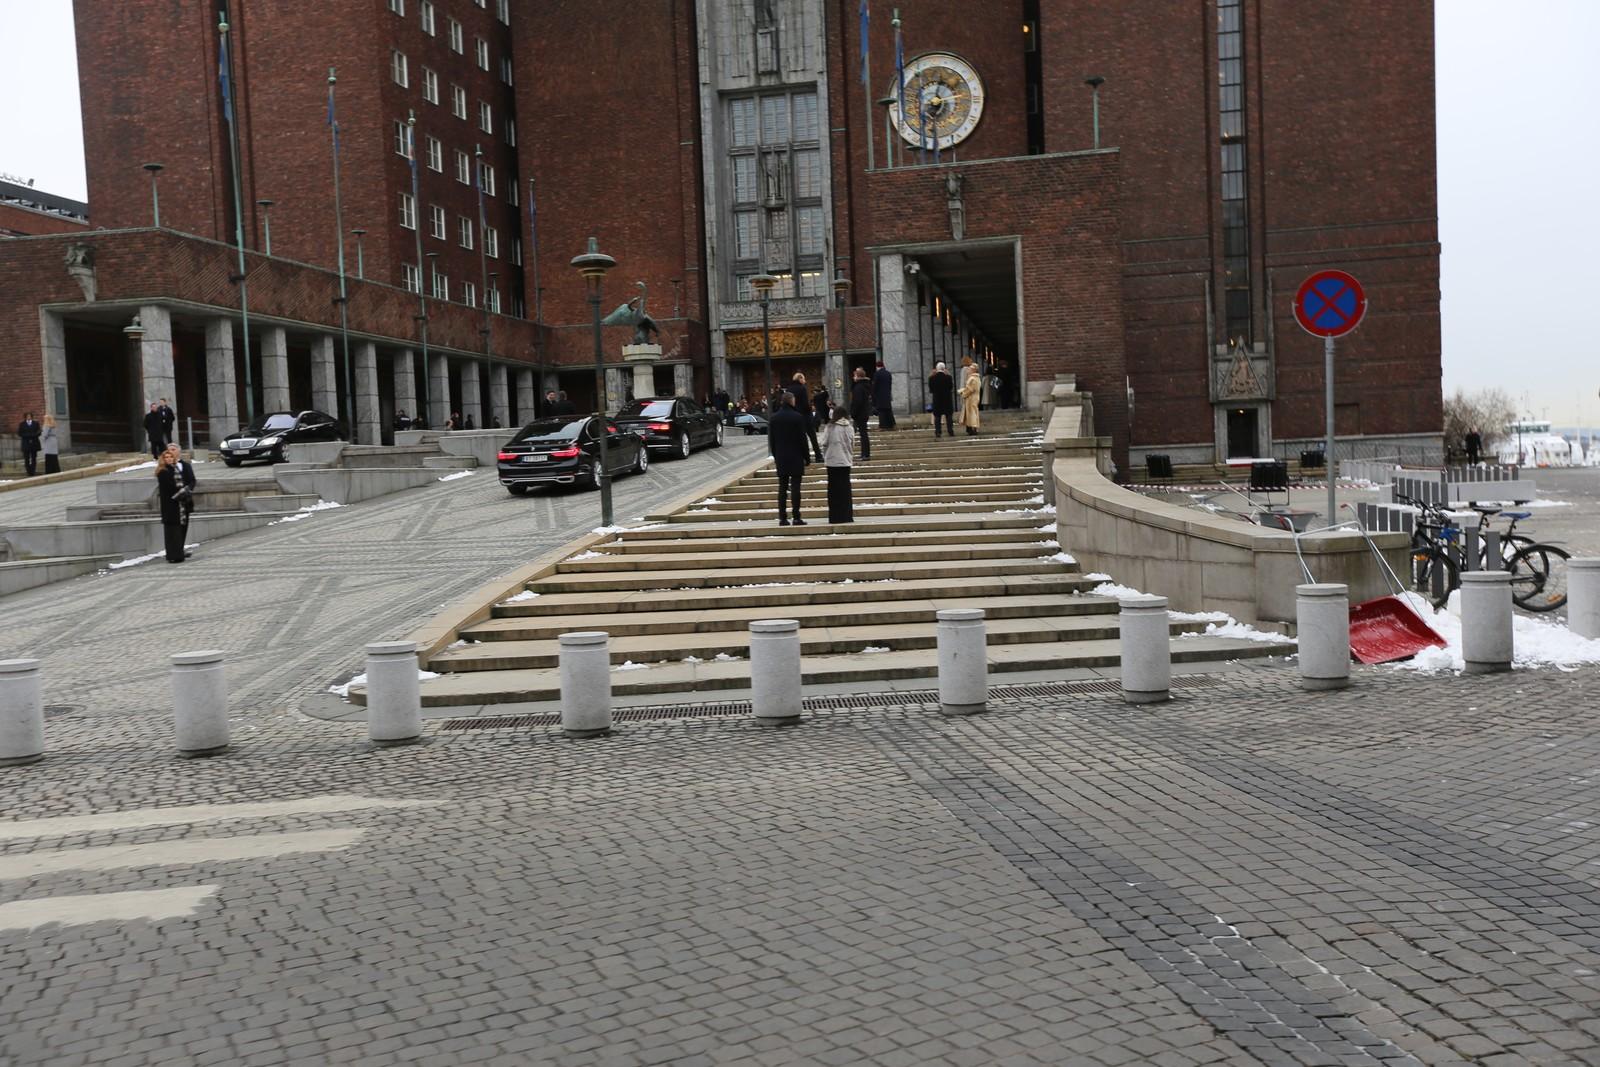 Sorte BMW-biler kjøres opp foran Oslo rådhus til filminnspilling.